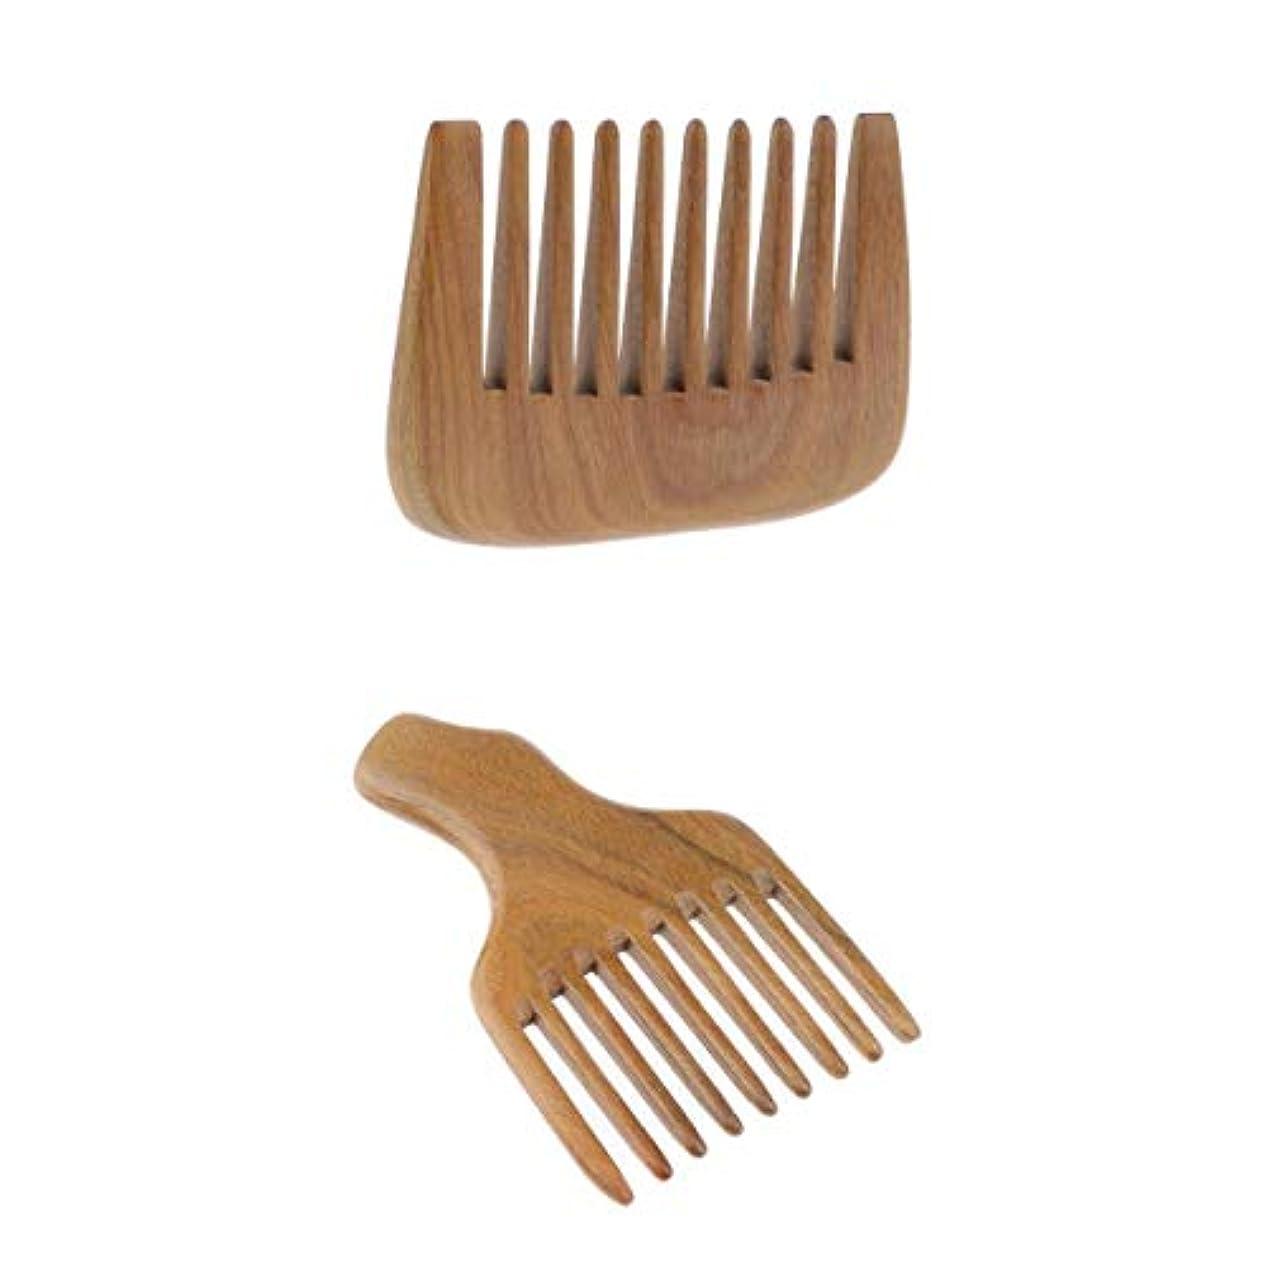 反響するジャンク買う2個 ウッドコーム 歯櫛 ヘアブラシ アンチスタティック グリーン サンダルウッド 木製櫛 静電防止